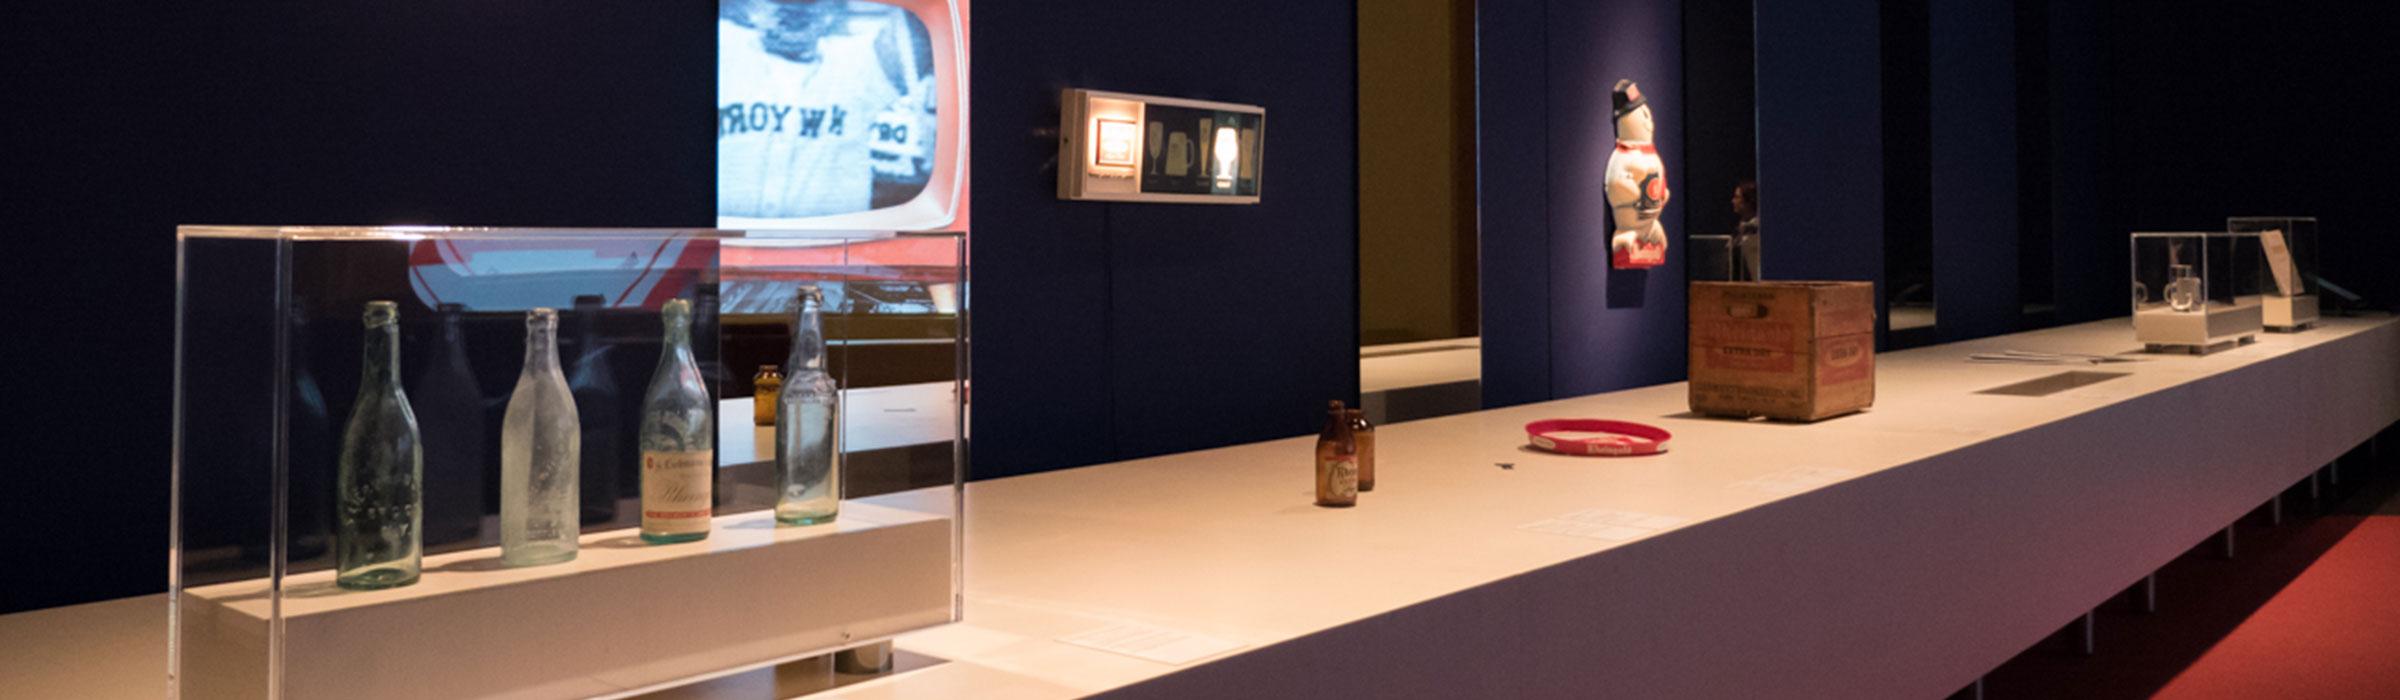 Referenz Jüdisches Museum München